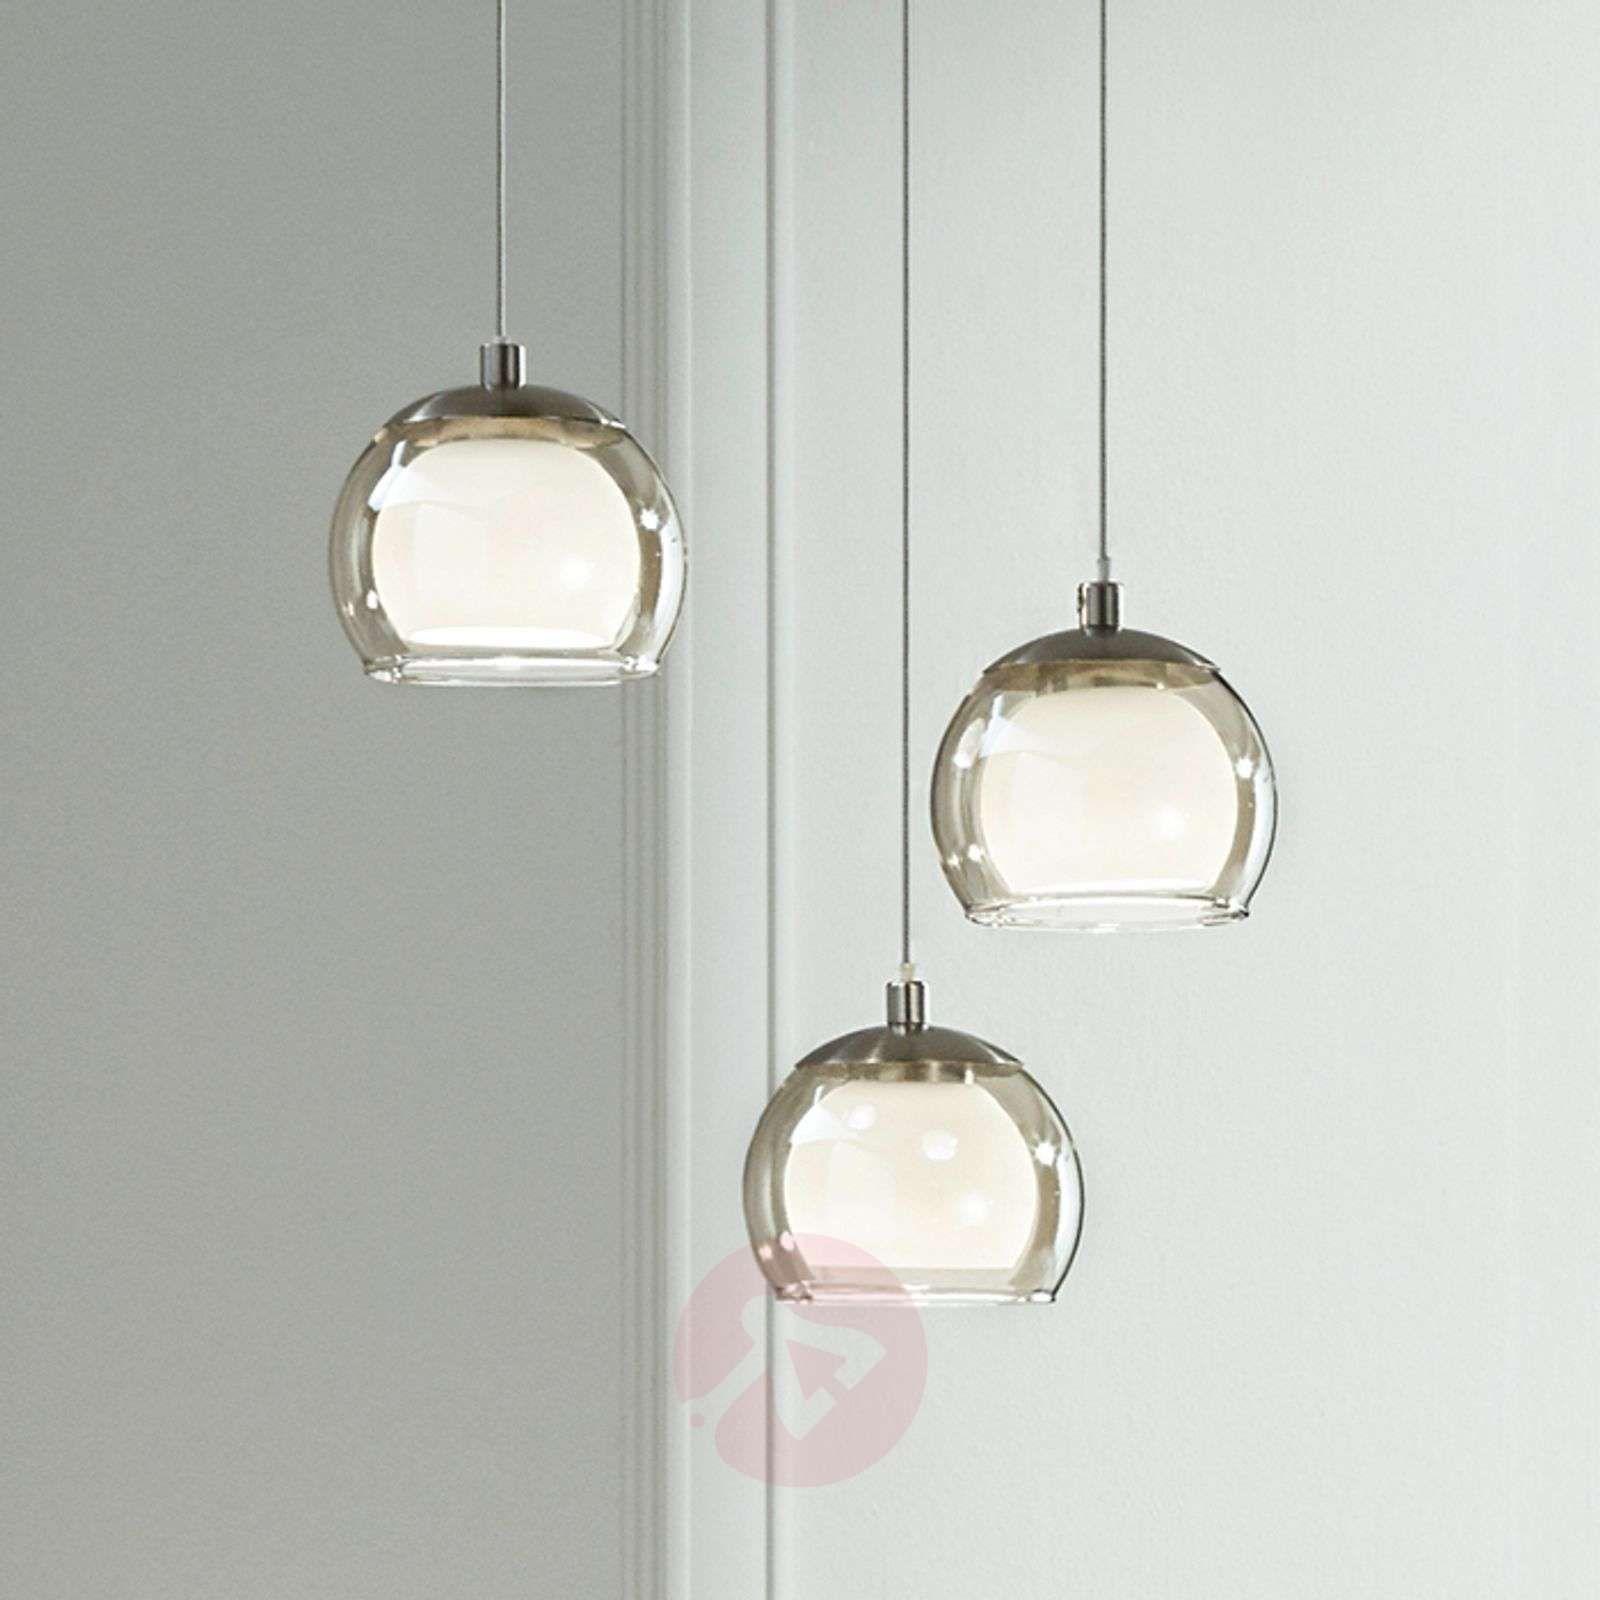 lampa łazienkowa wisząca | lampy wiszące do salonu